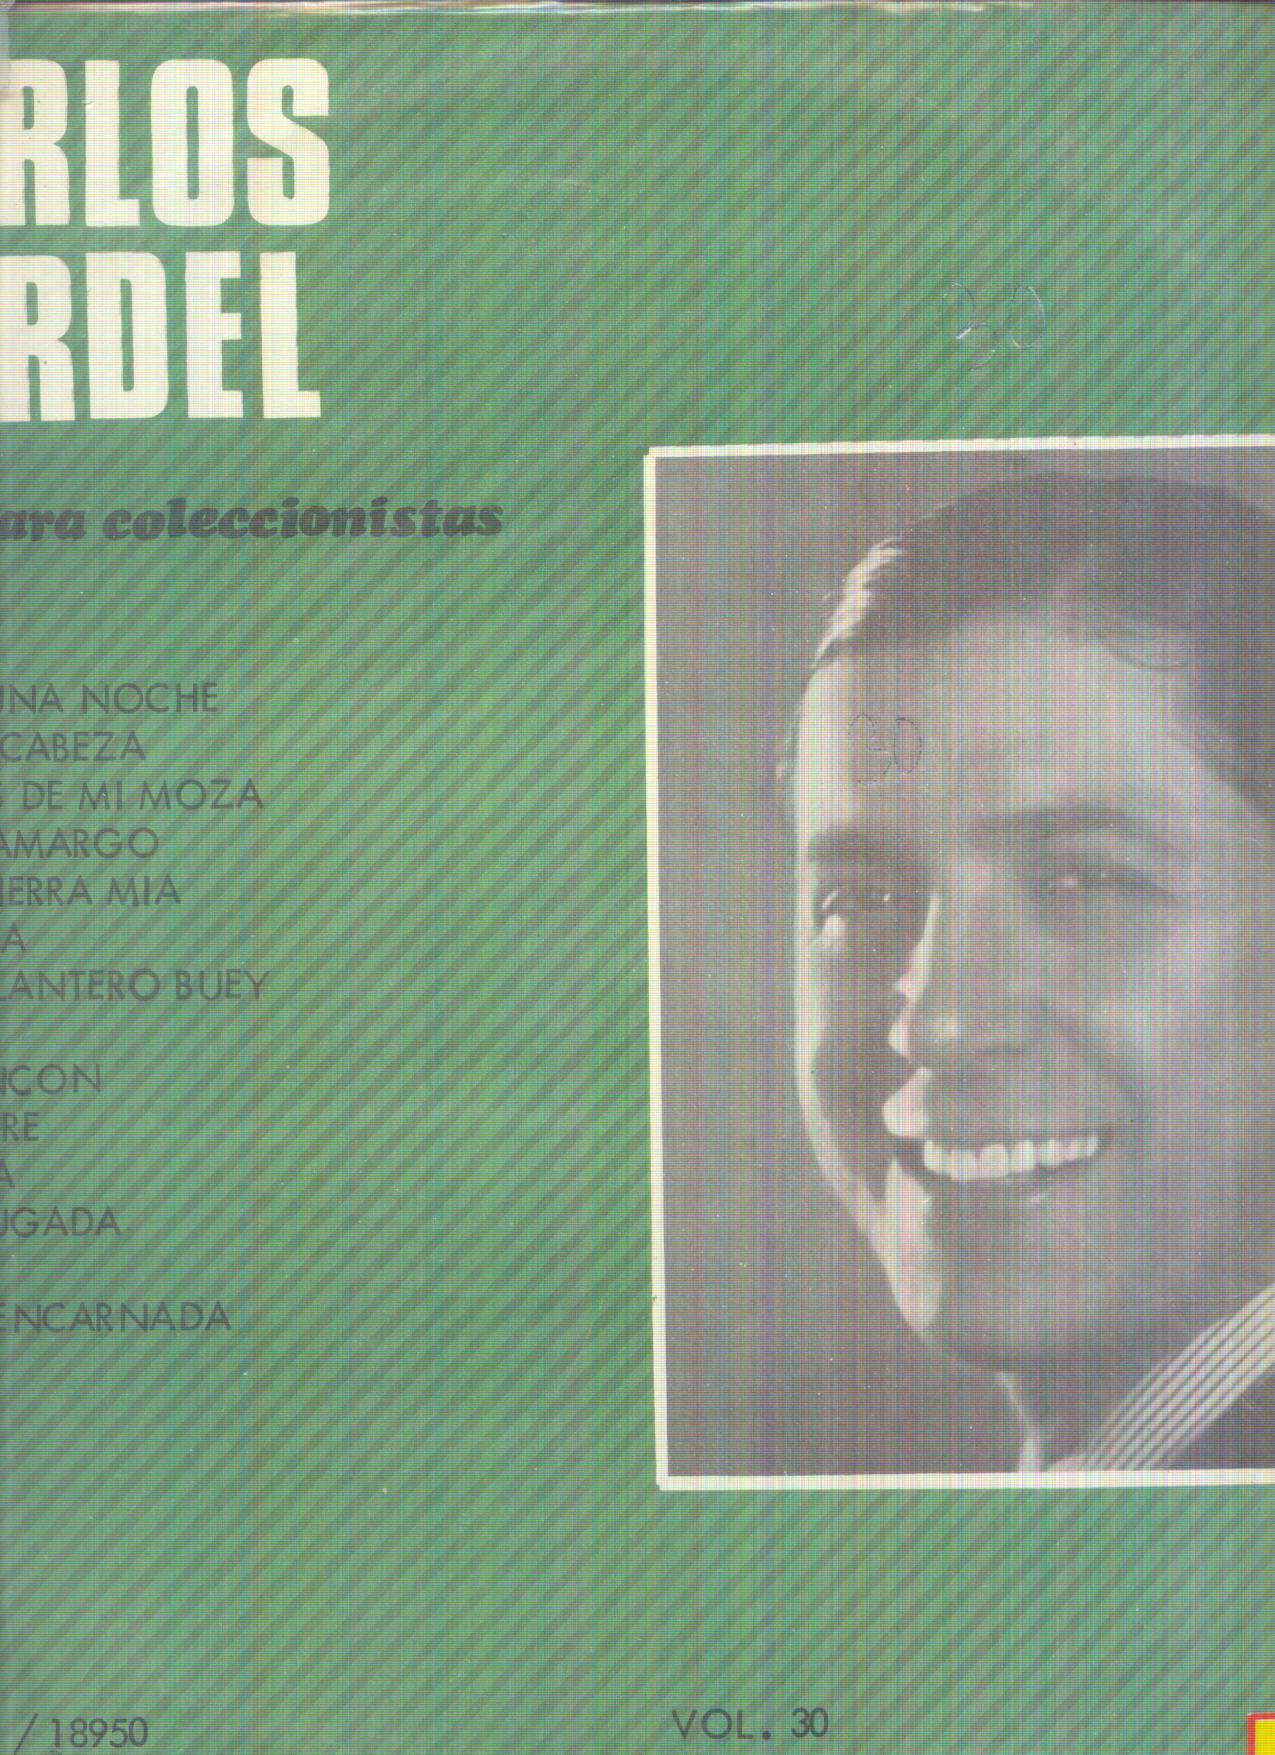 CARLOS GARDEL CARLOS GARDEL - VOLVIO UNA NOCHE - SERIE PARA COLECCIONISTAS